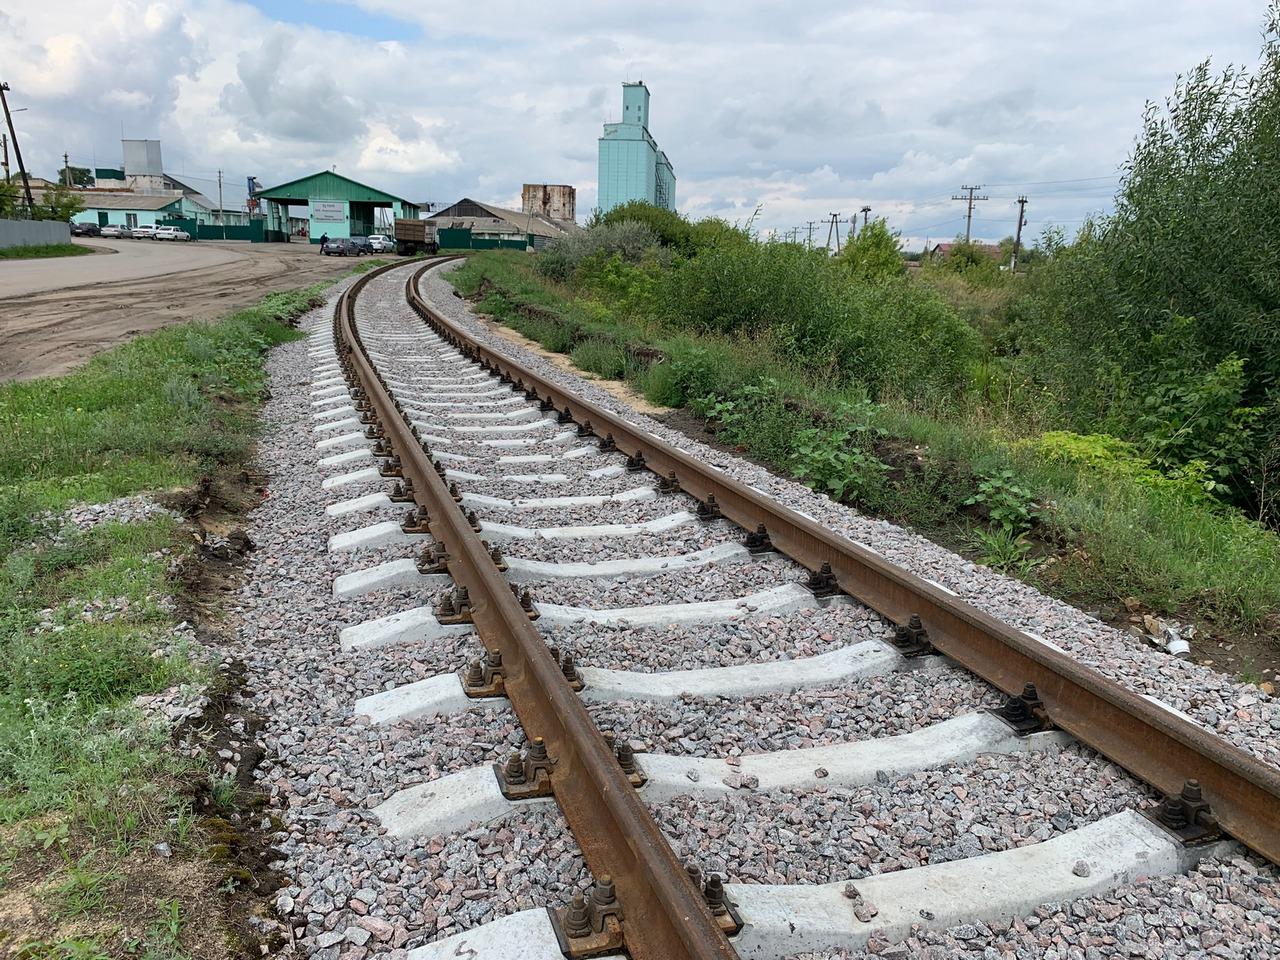 Железная дорога поворачивает направо